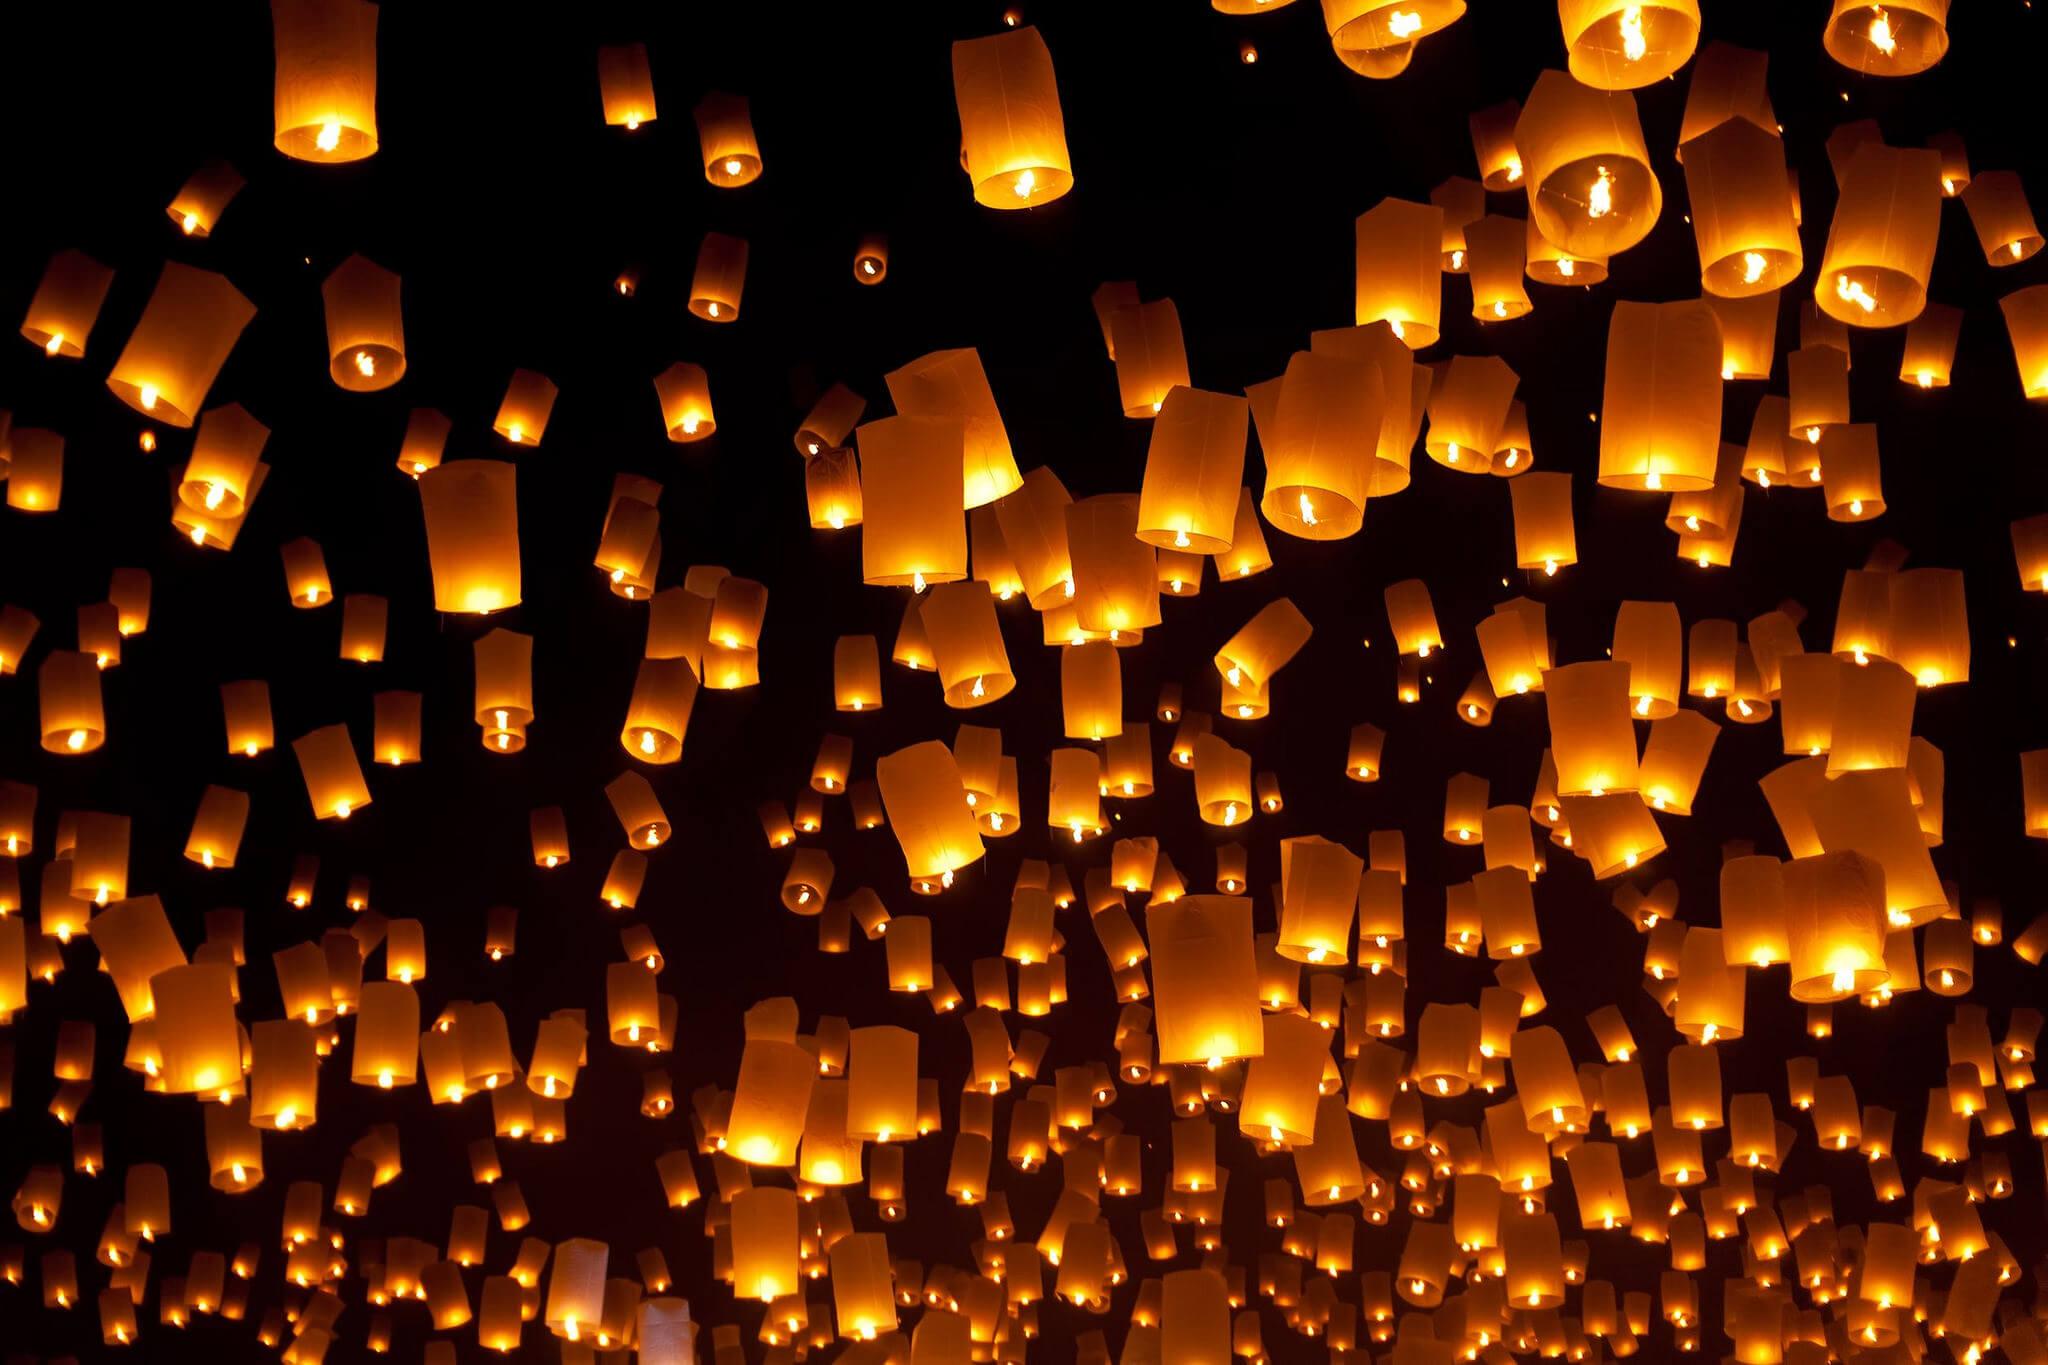 Таиланд, фестиваль Лой Кратонг, запуск воздушных фонарей.